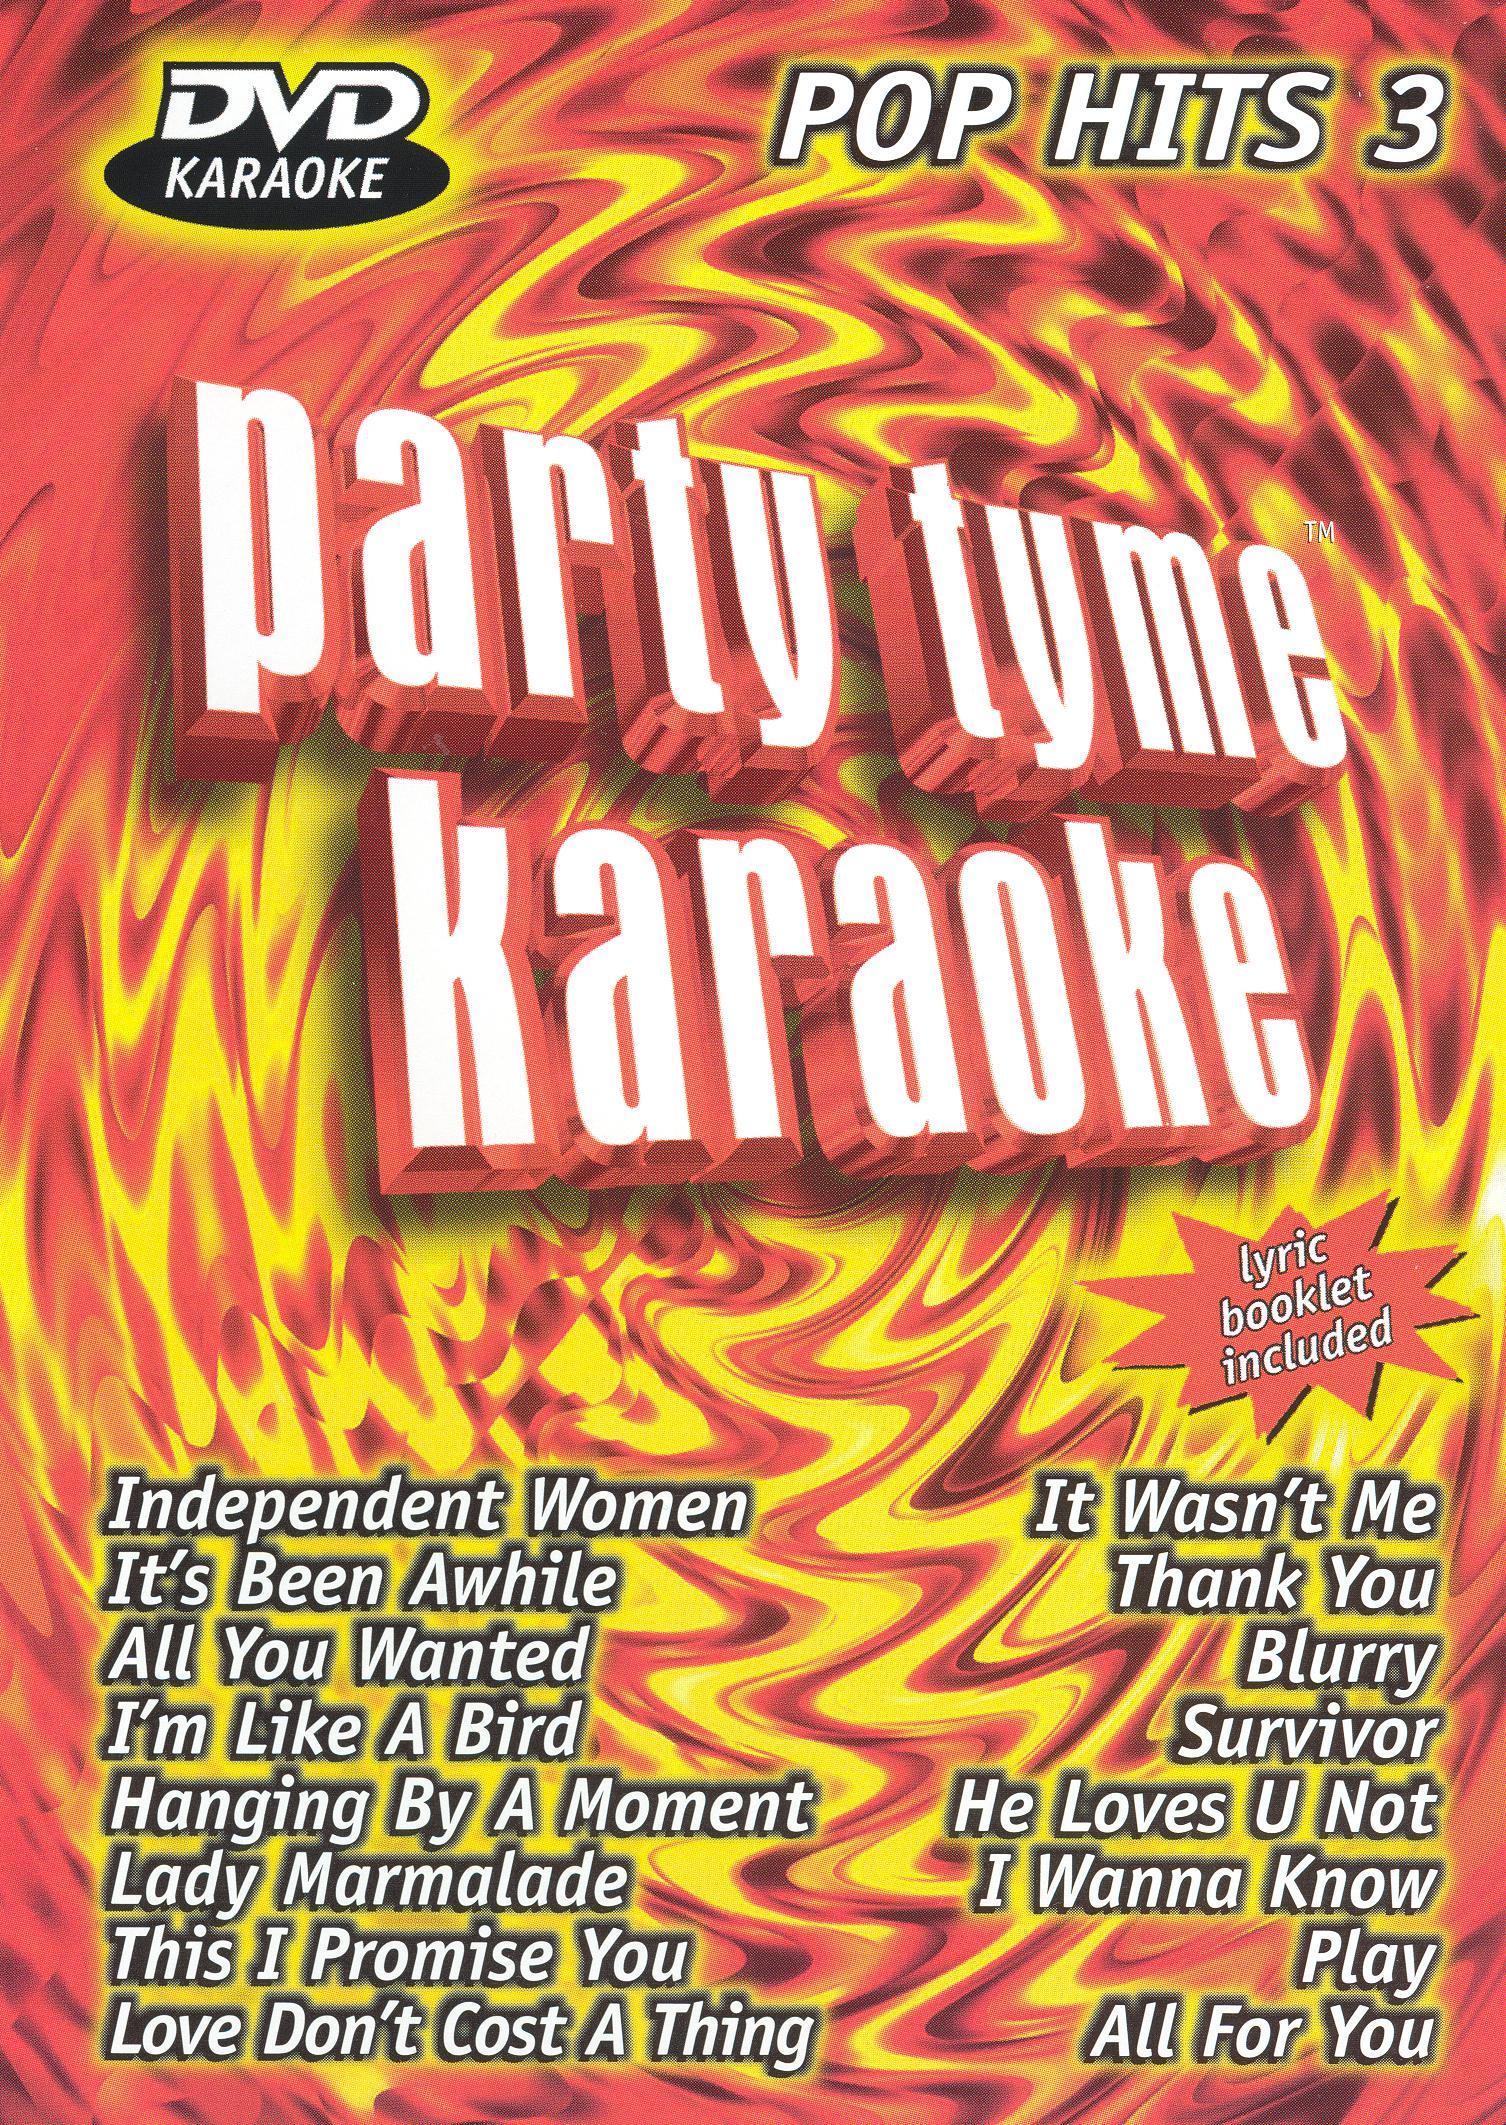 Party Tyme Karaoke: Pop Hits, Vol. 3